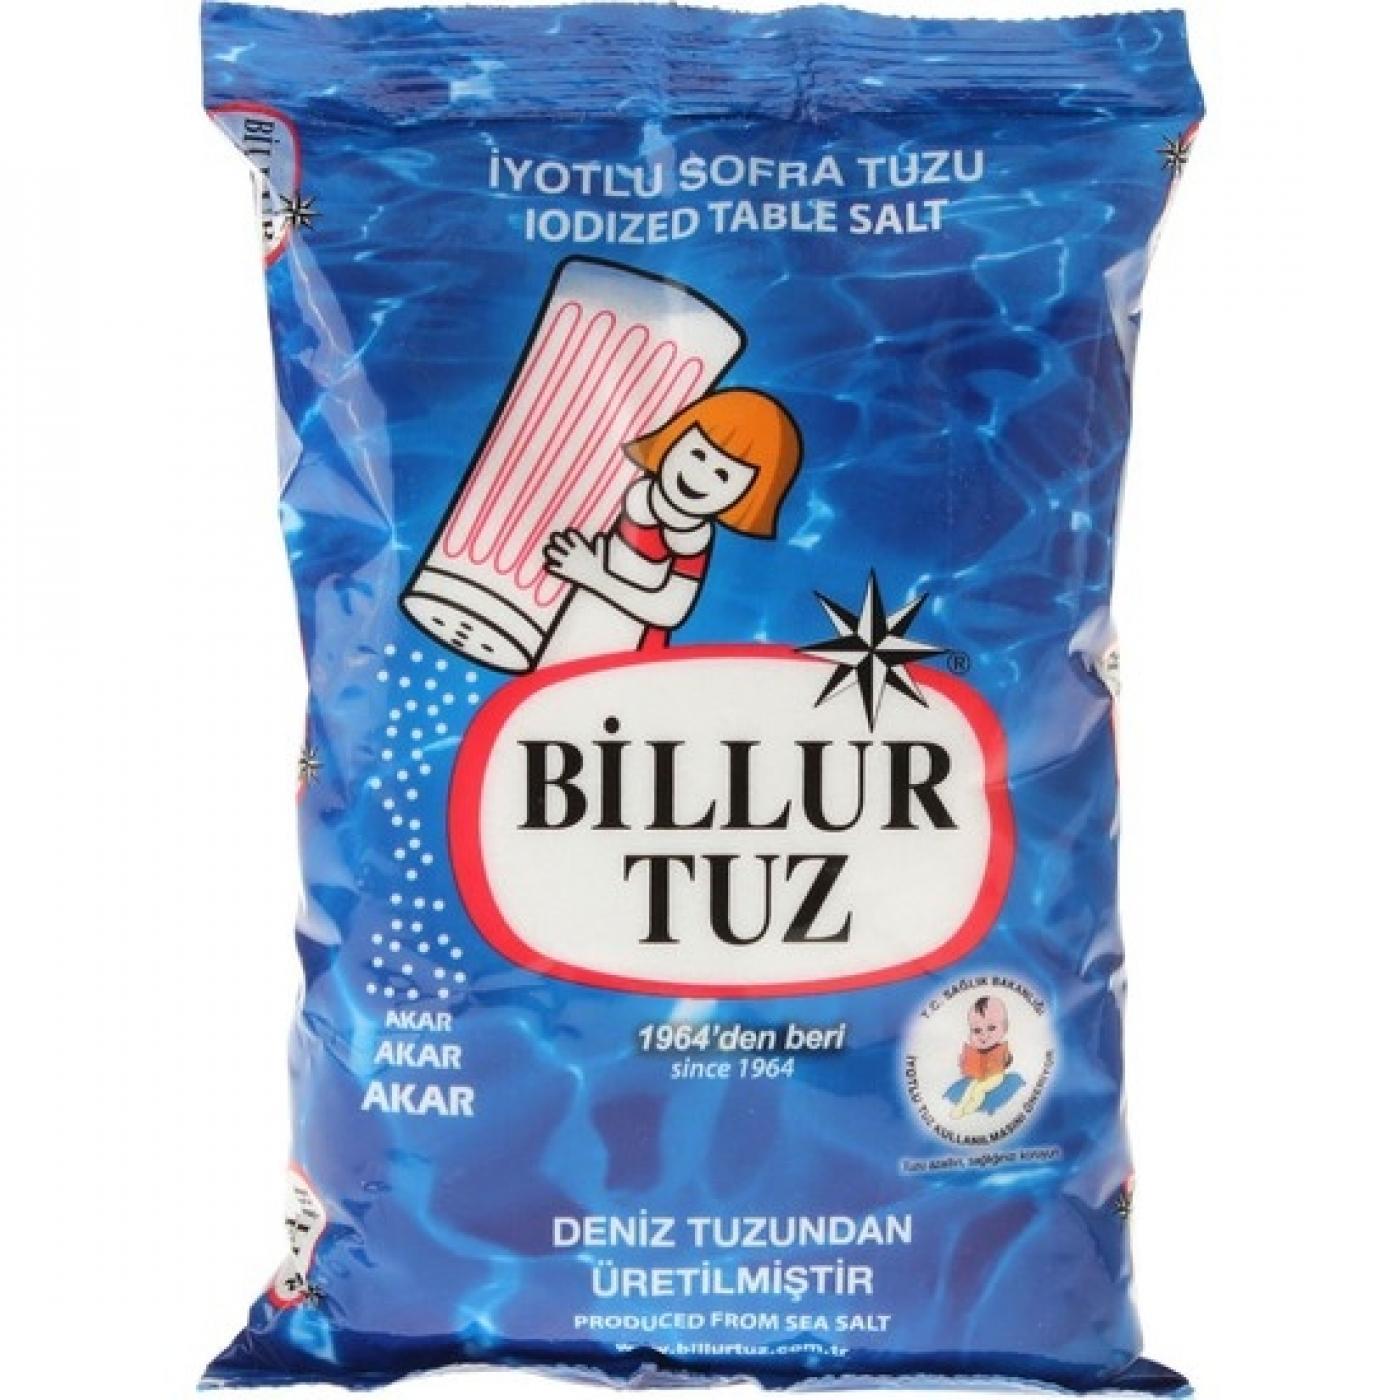 BİLLUR TUZ 750GR